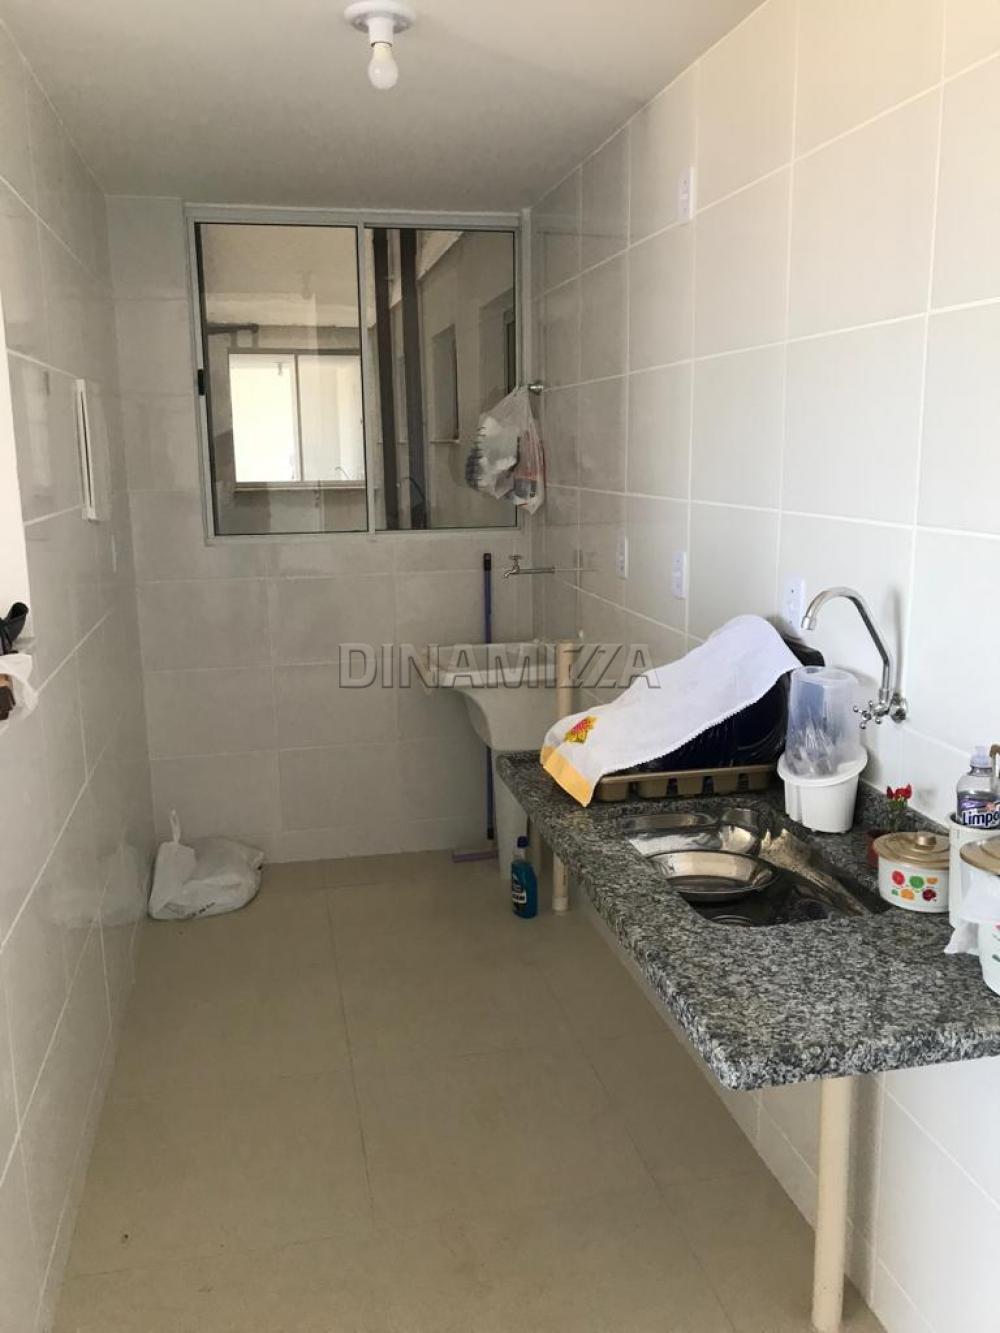 Alugar Apartamento / Padrão em Uberaba R$ 700,00 - Foto 16